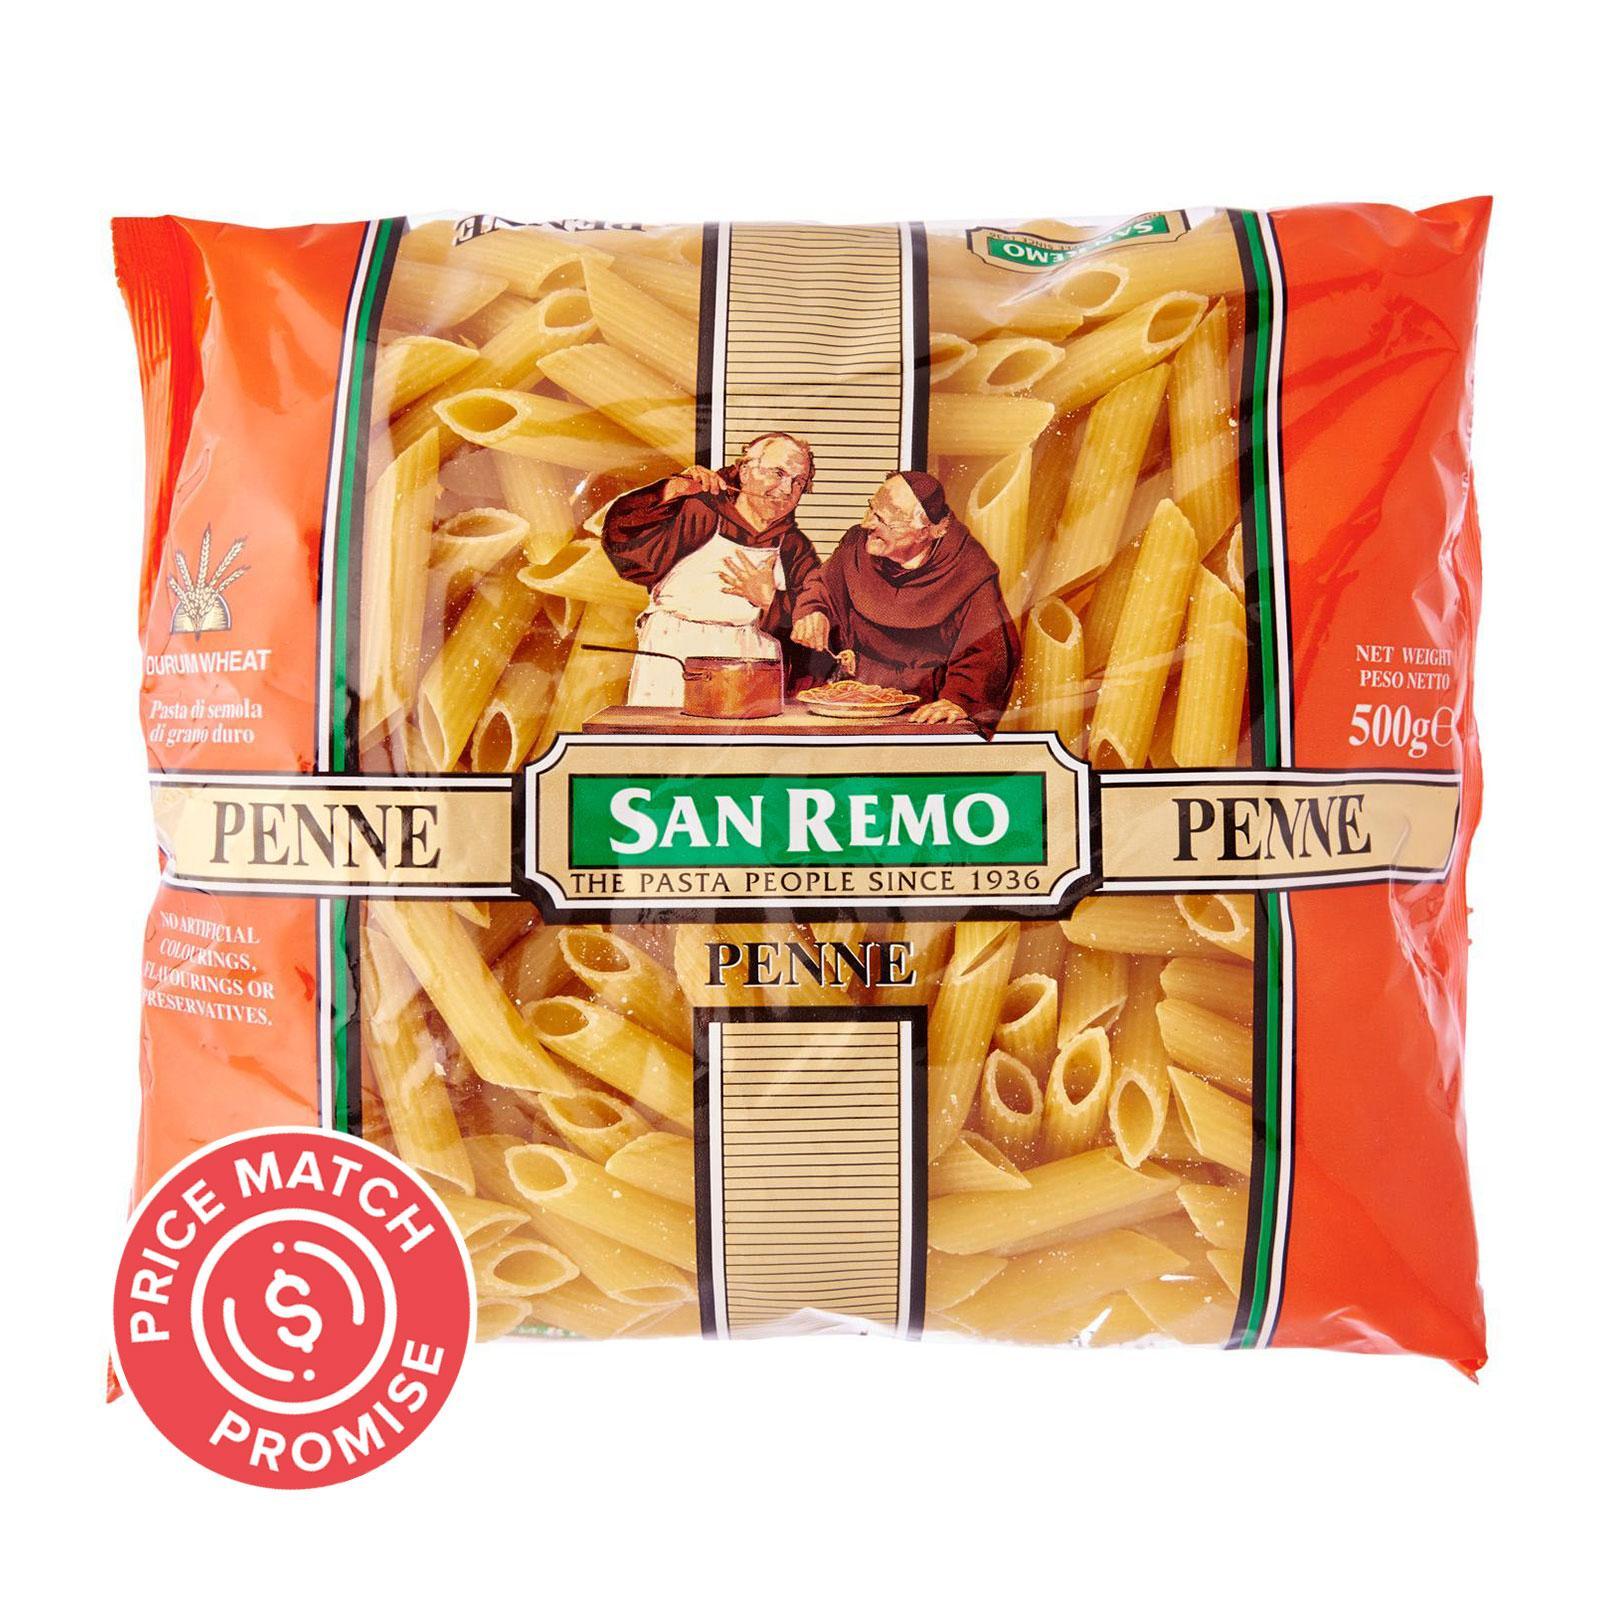 San Remo Pasta Penne No. 18